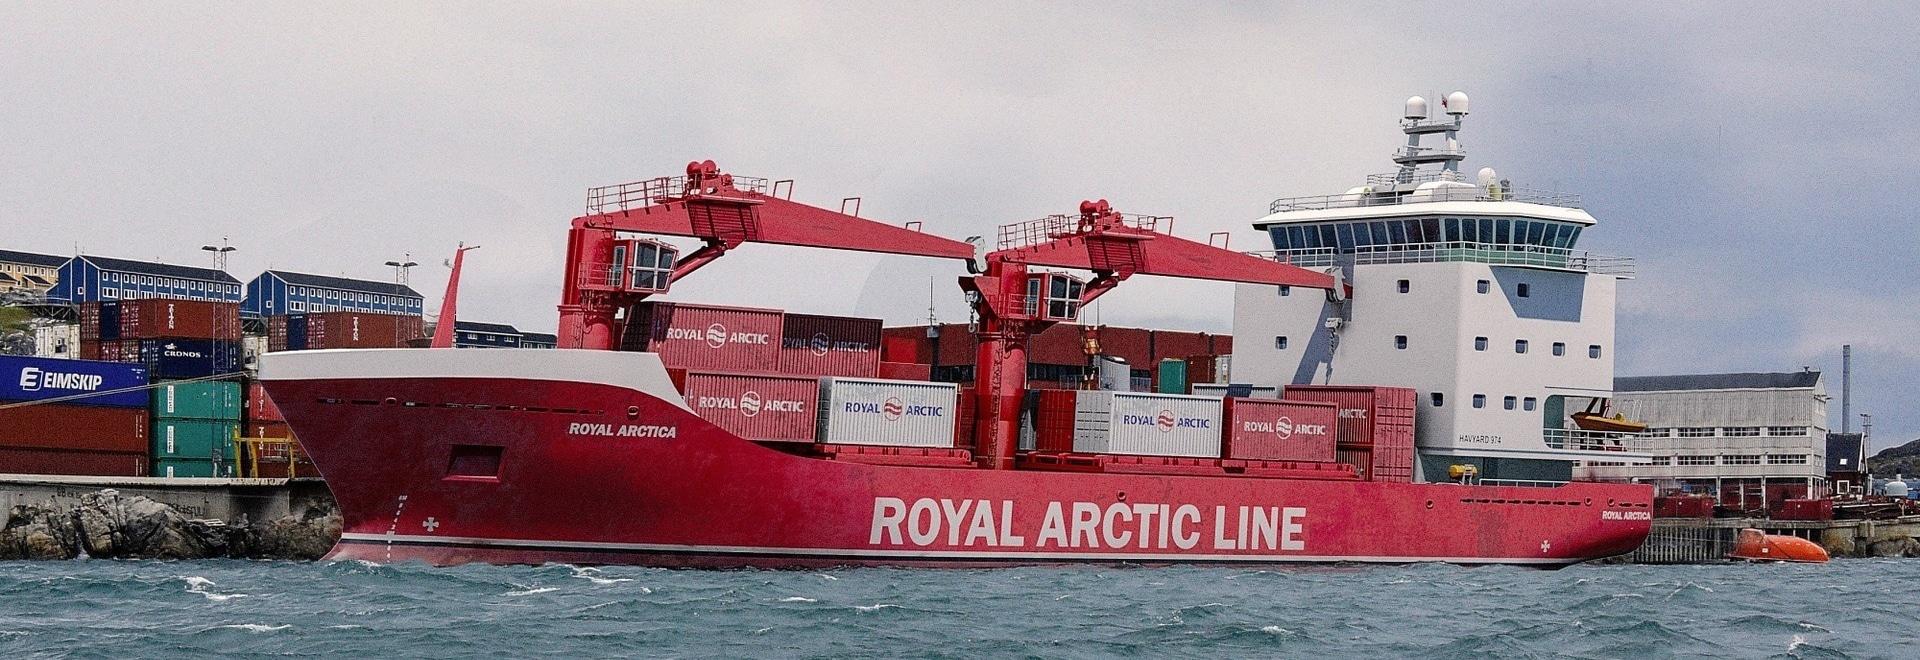 Havyard pour concevoir des bateaux pour la ligne arctique royale